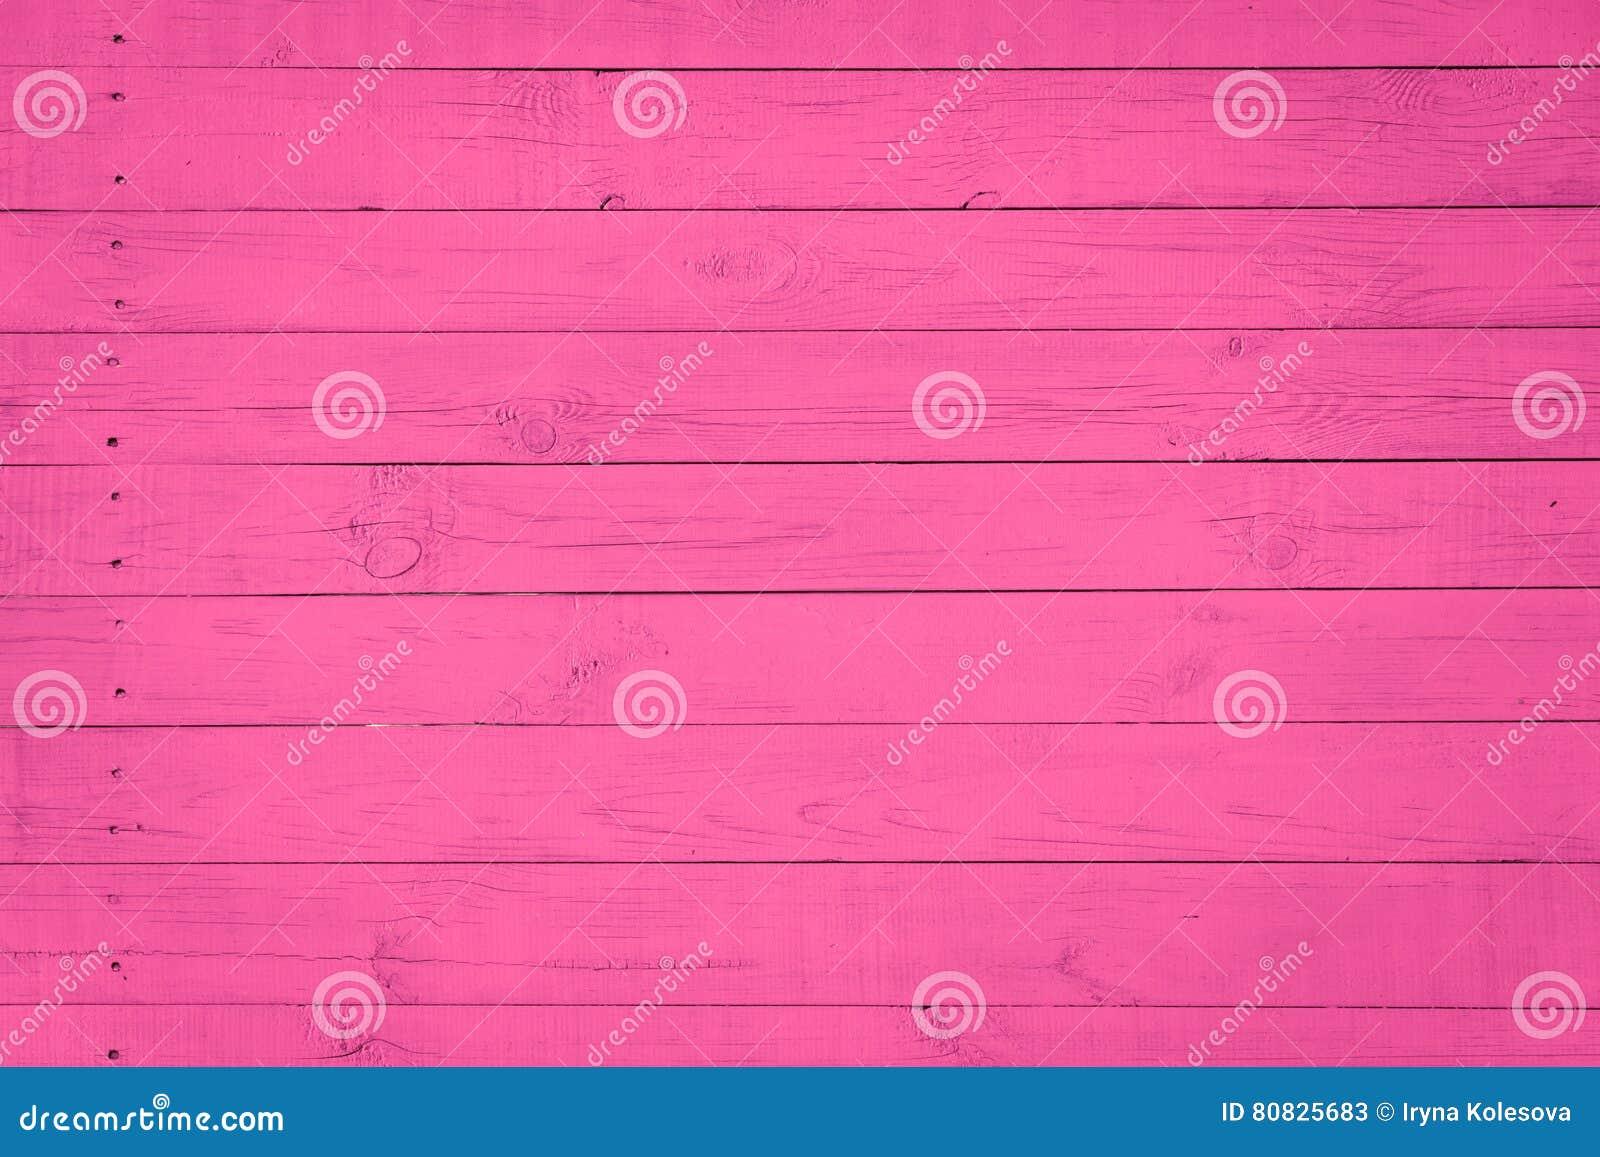 Houten Textuurachtergrond met natuurlijk patroon, purpere, roze kleur